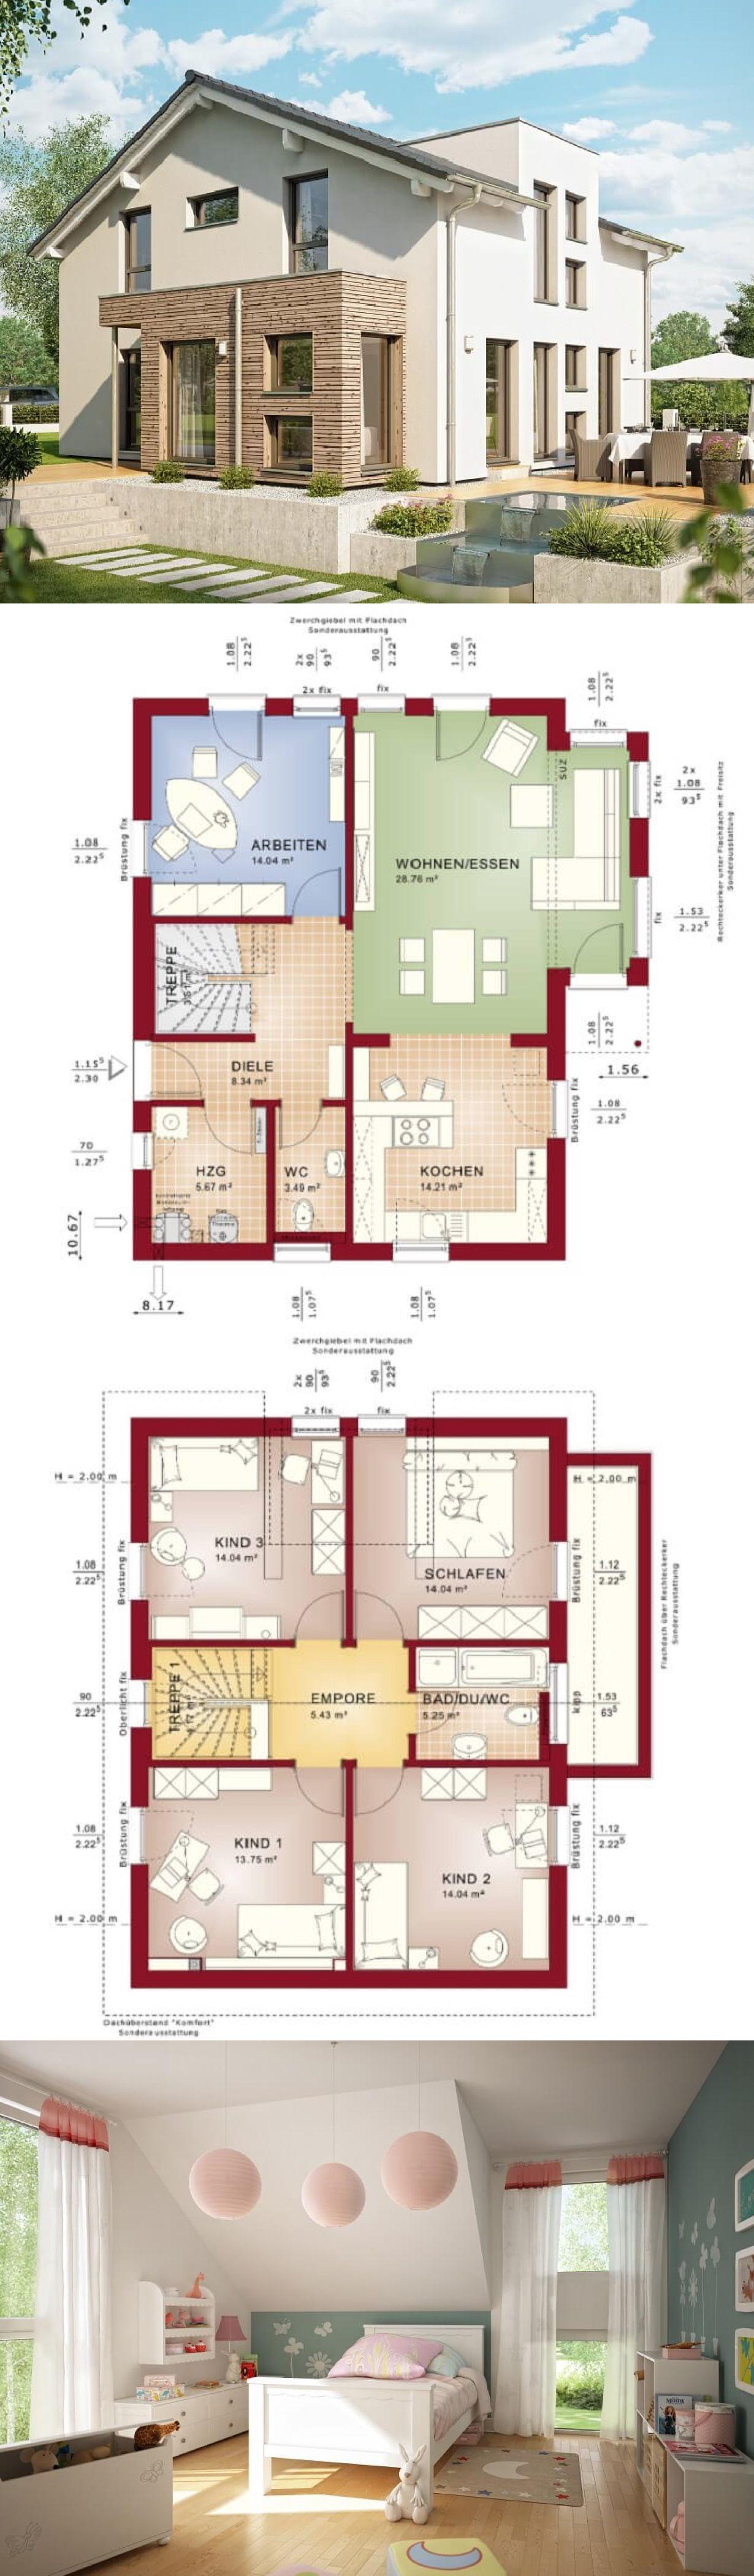 Hauspläne einfamilienhaus neubau  Einfamilienhaus Neubau Architektur modern mit Satteldach ...